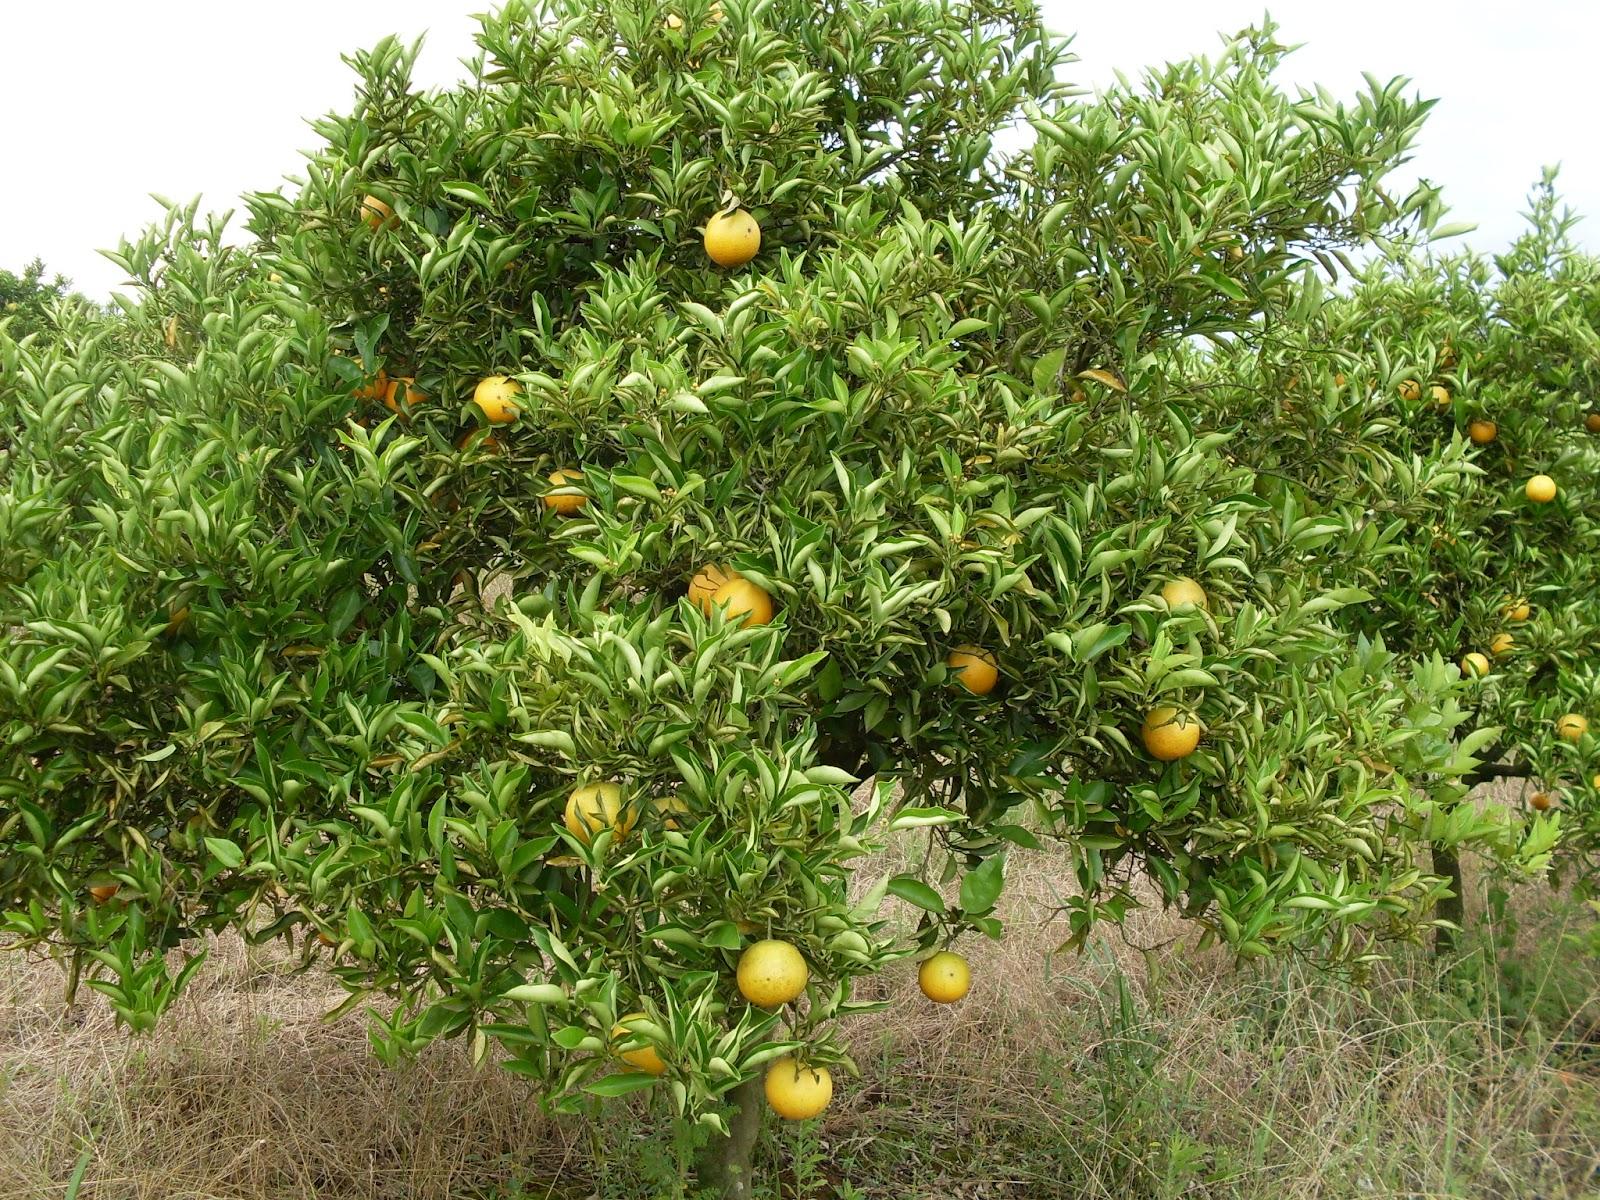 Produção de laranja em são paulo ficou concentrada com apenas 1% dos citricultores,. Rural Atual Epoca De Adubacao Na Cultura Da Laranja No Rs